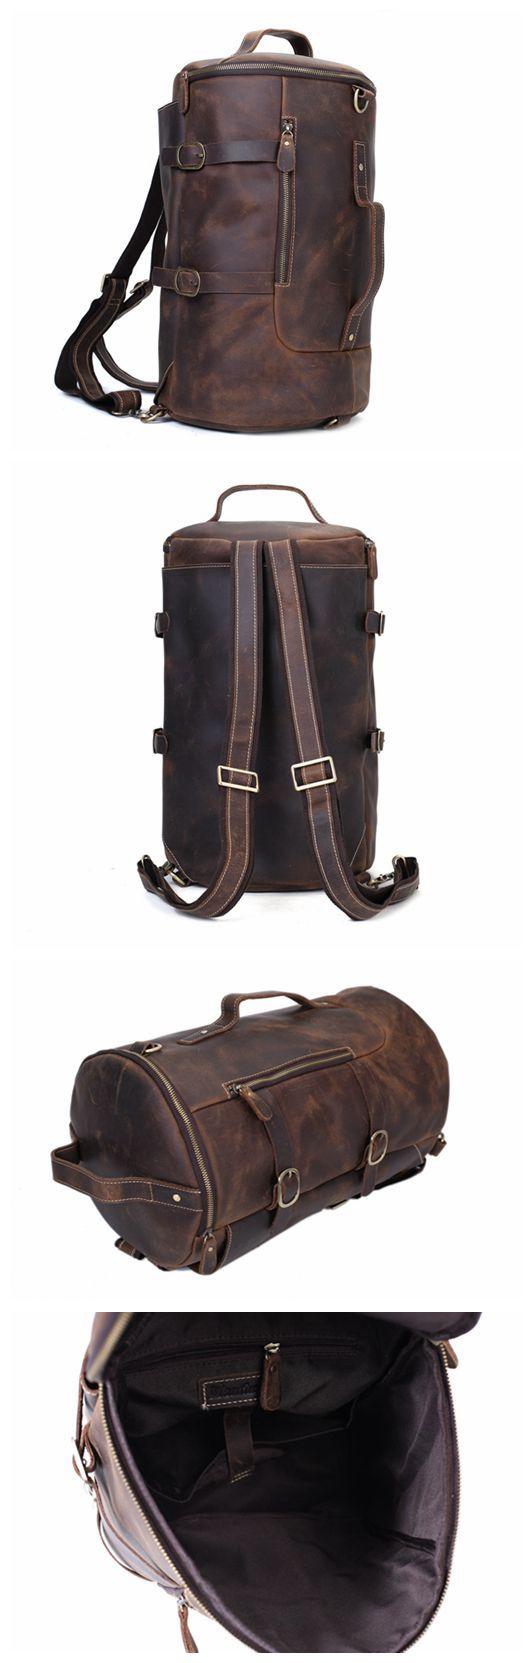 Handmade Vintage Leather Backpack, Travel Backpack, Messenger Bag, Sling Bag Z106